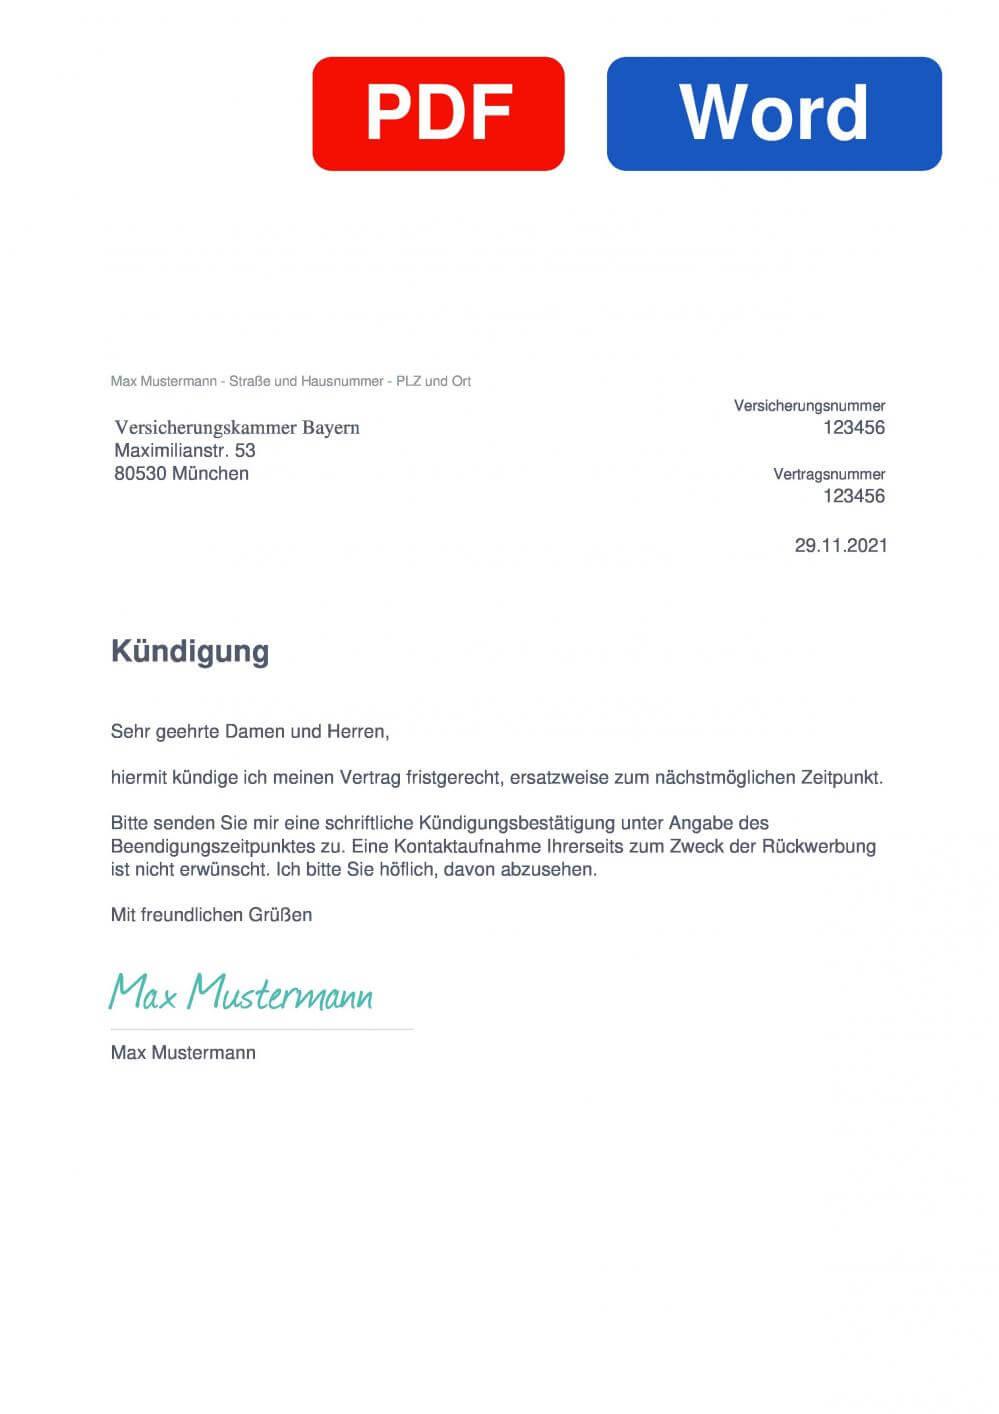 Versicherungskammer Bayern Altersvorsorge Muster Vorlage für Kündigungsschreiben